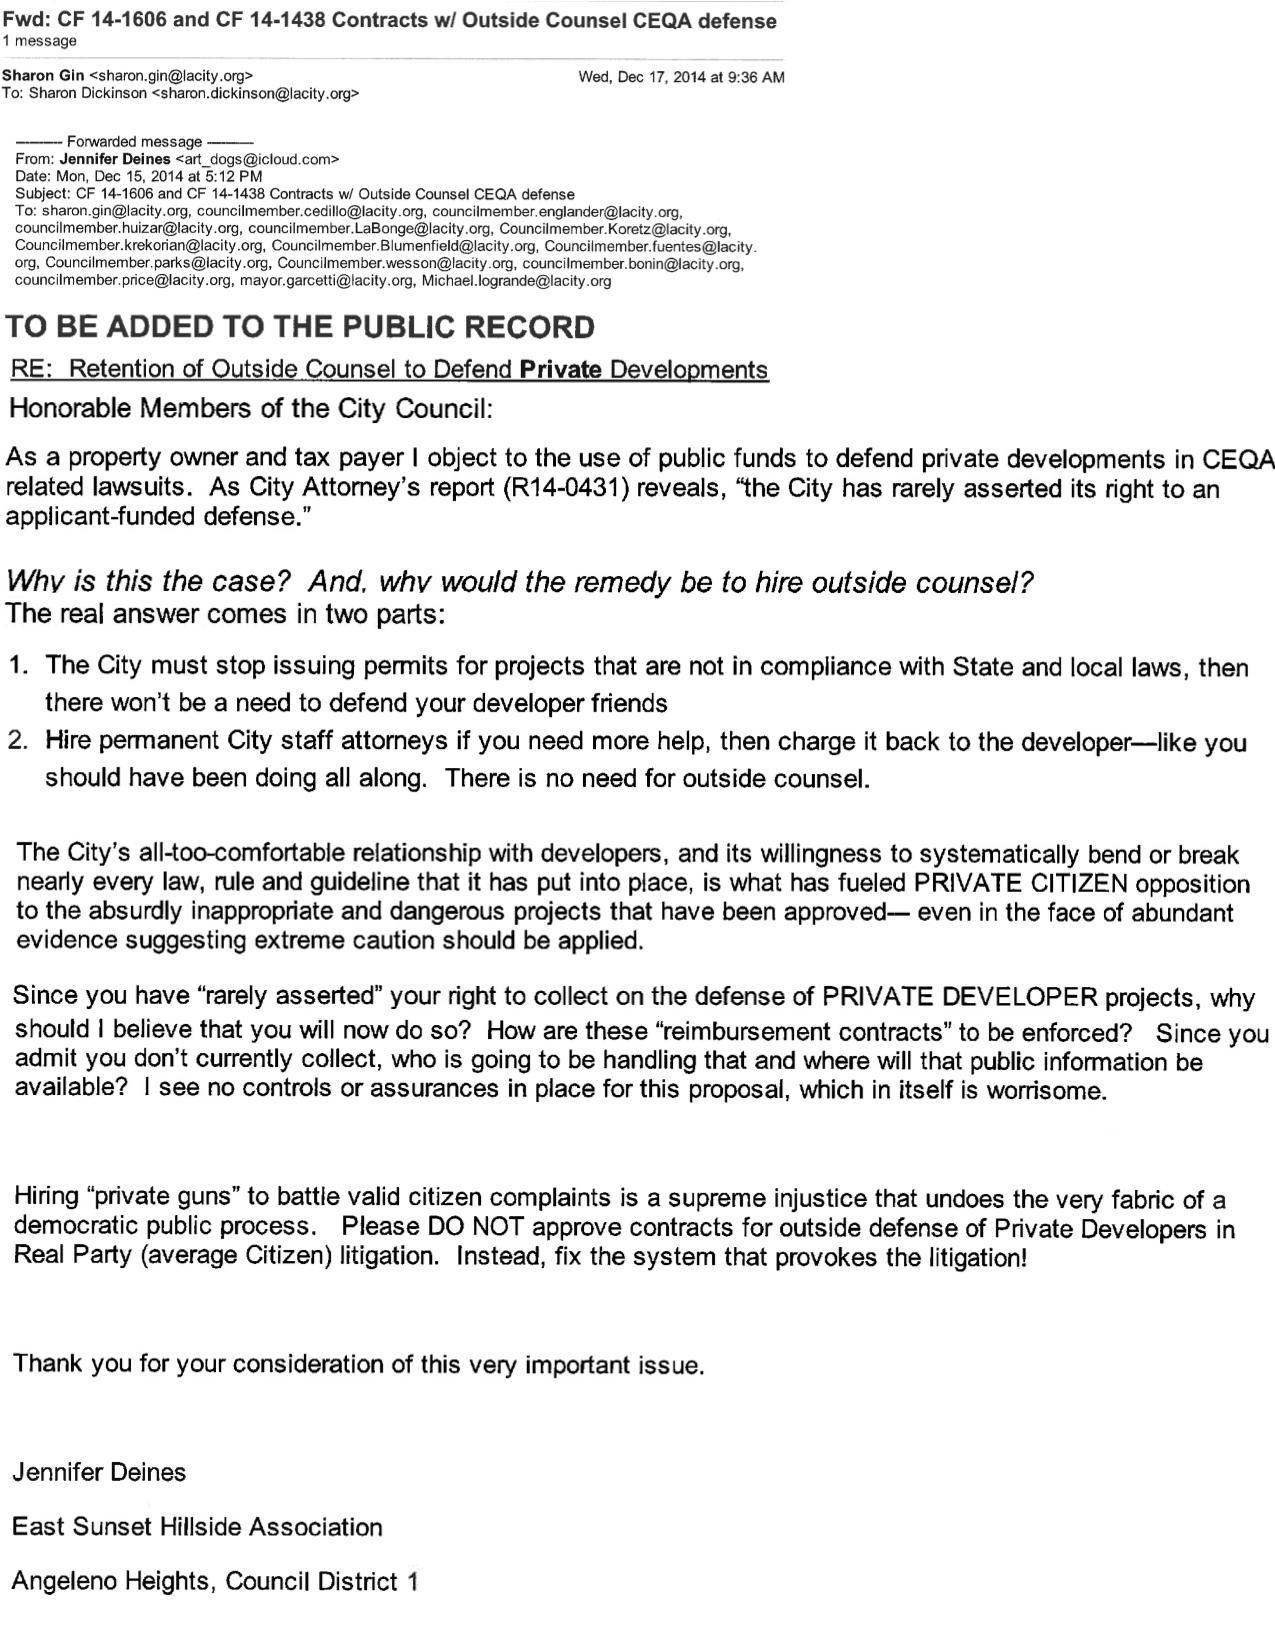 Council File-14-1606-SH-CIS